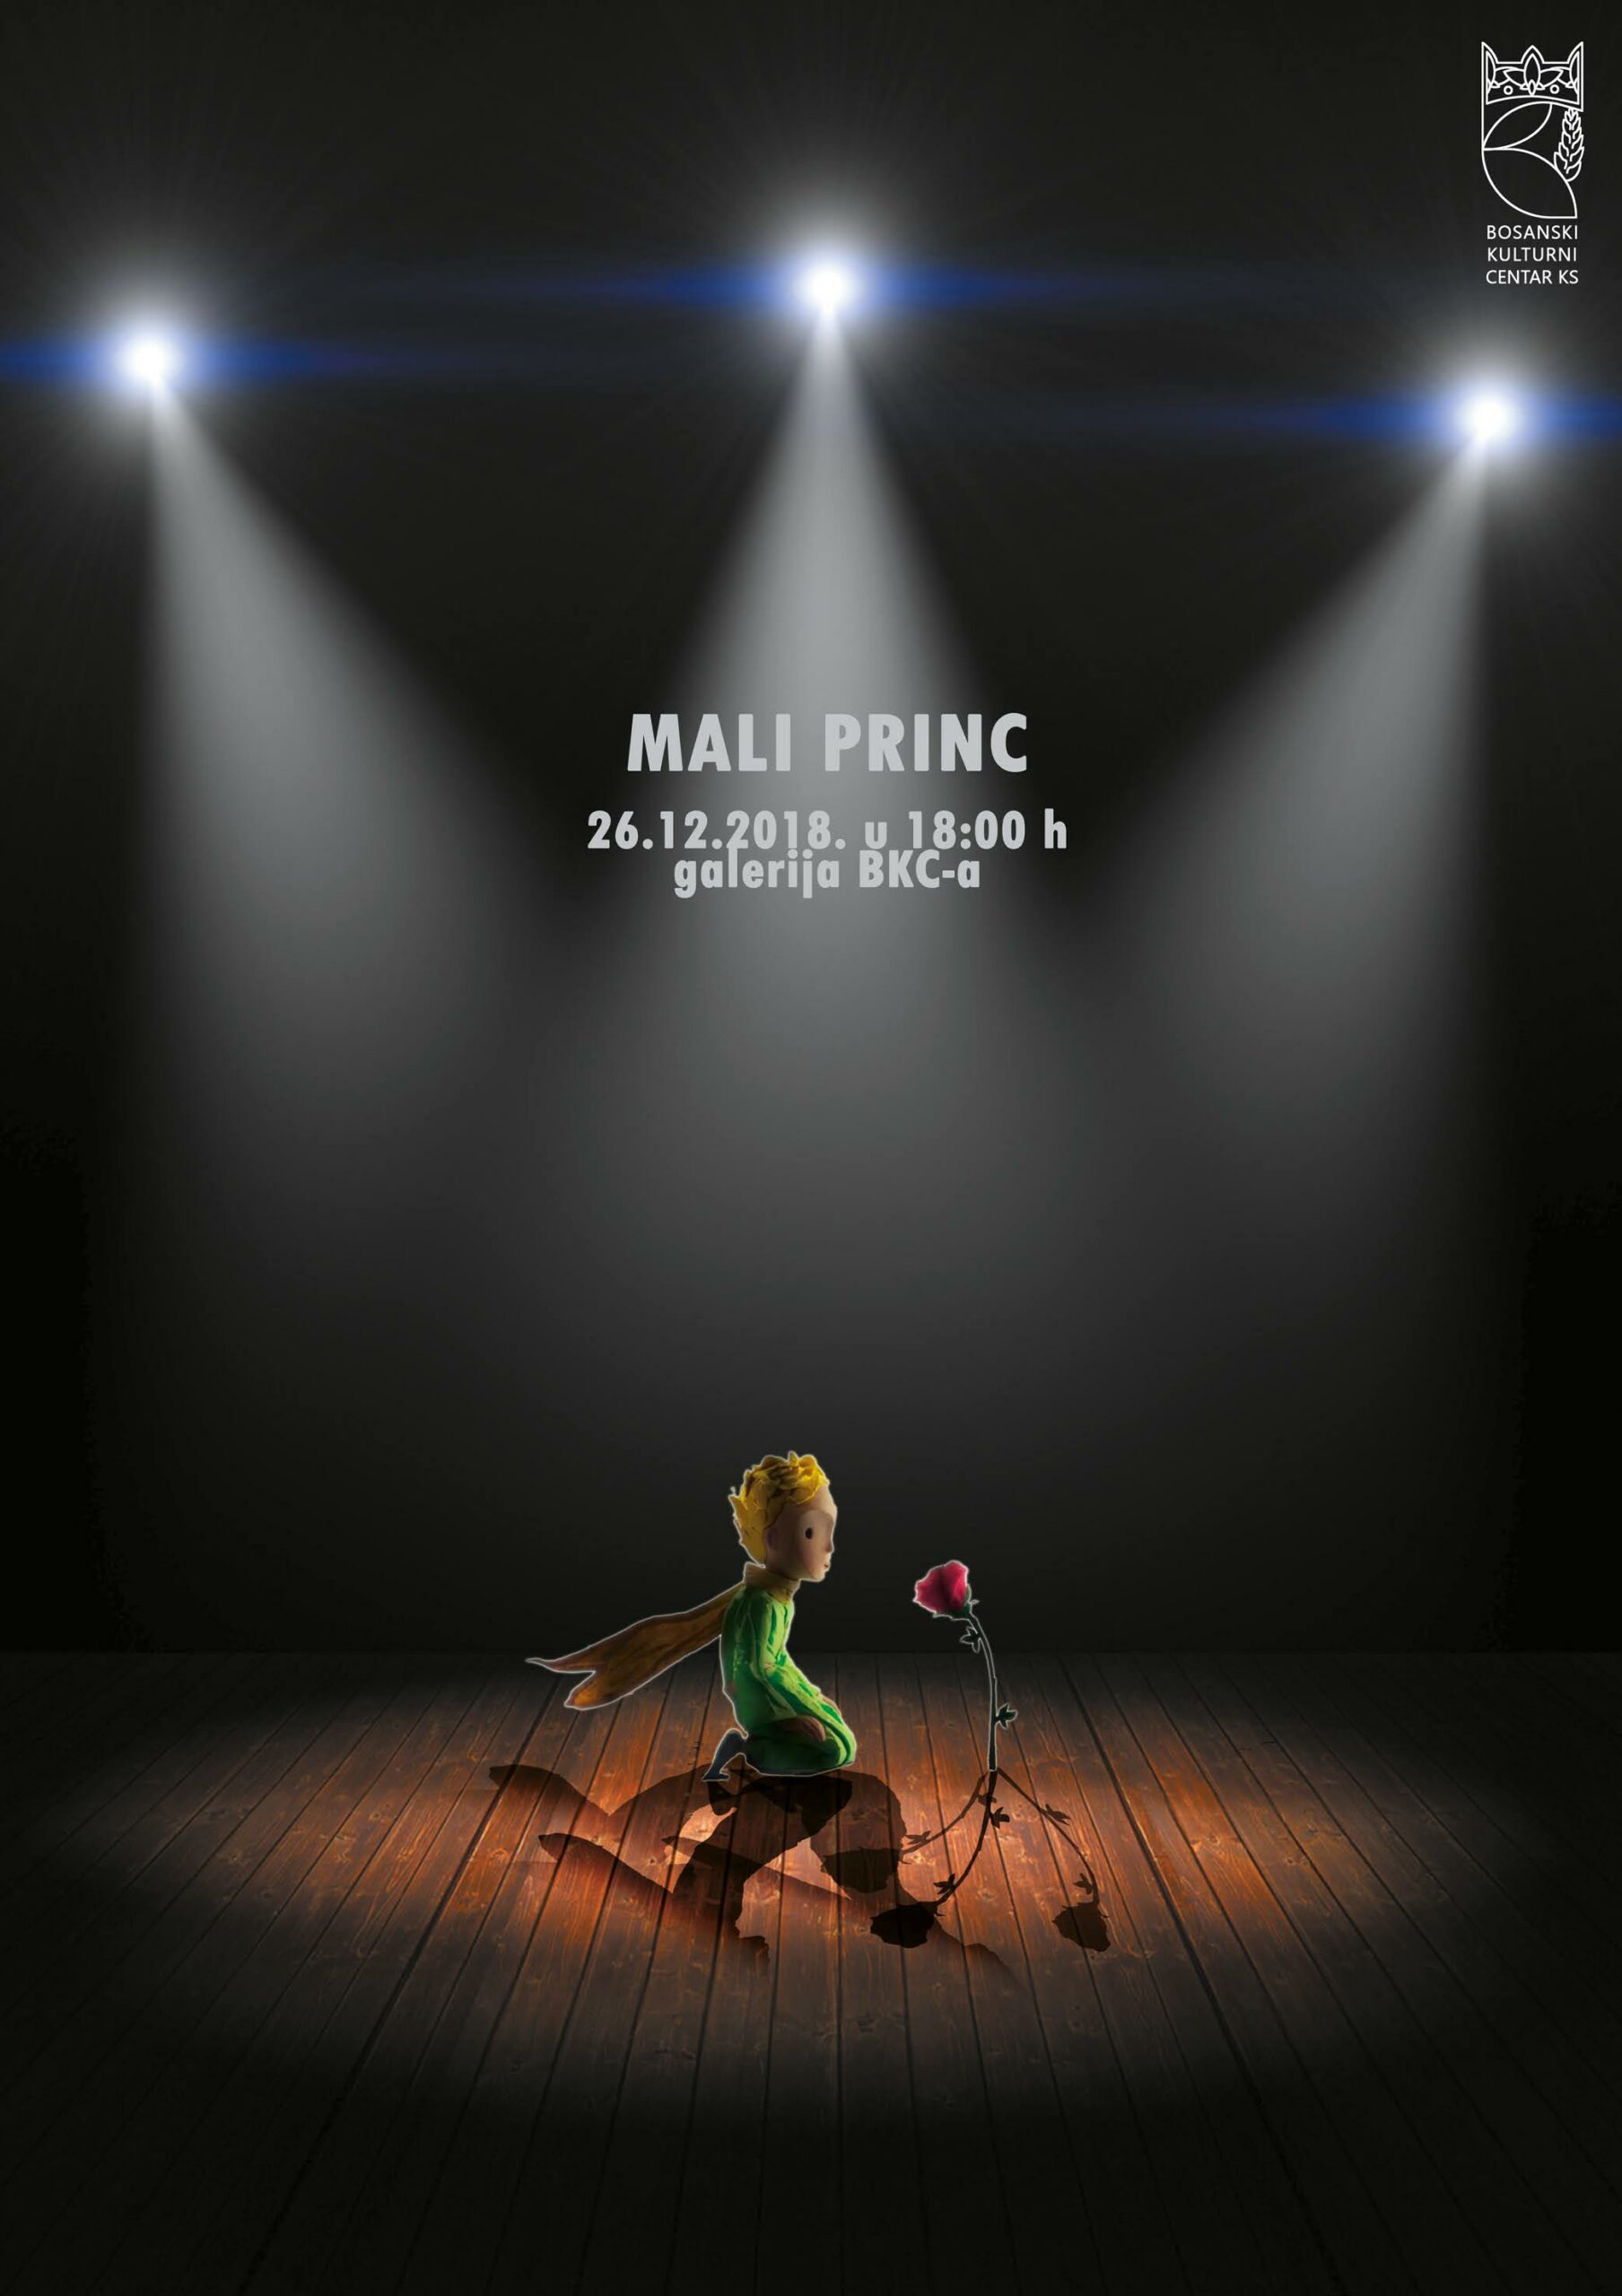 """""""Škola glume"""" premijerno će izvesti predstavu """"Mali princ"""", u srijedu, 26. 12. 2018. god. u galeriji BKC-a, sa početkom u 18:00 časova."""